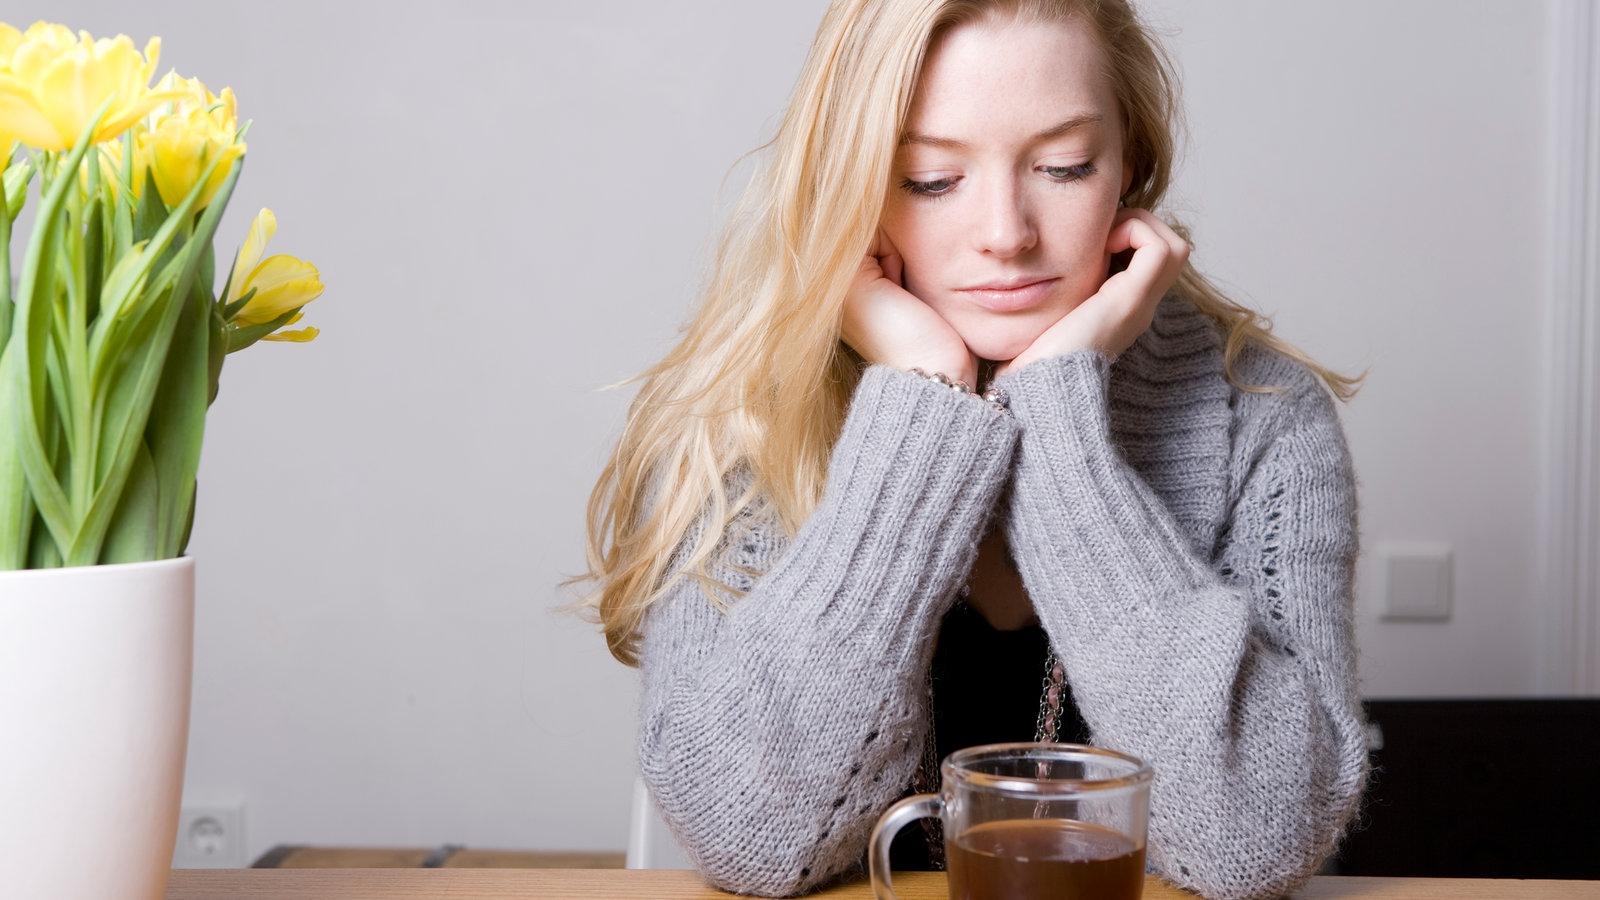 wissen depression frauen senk